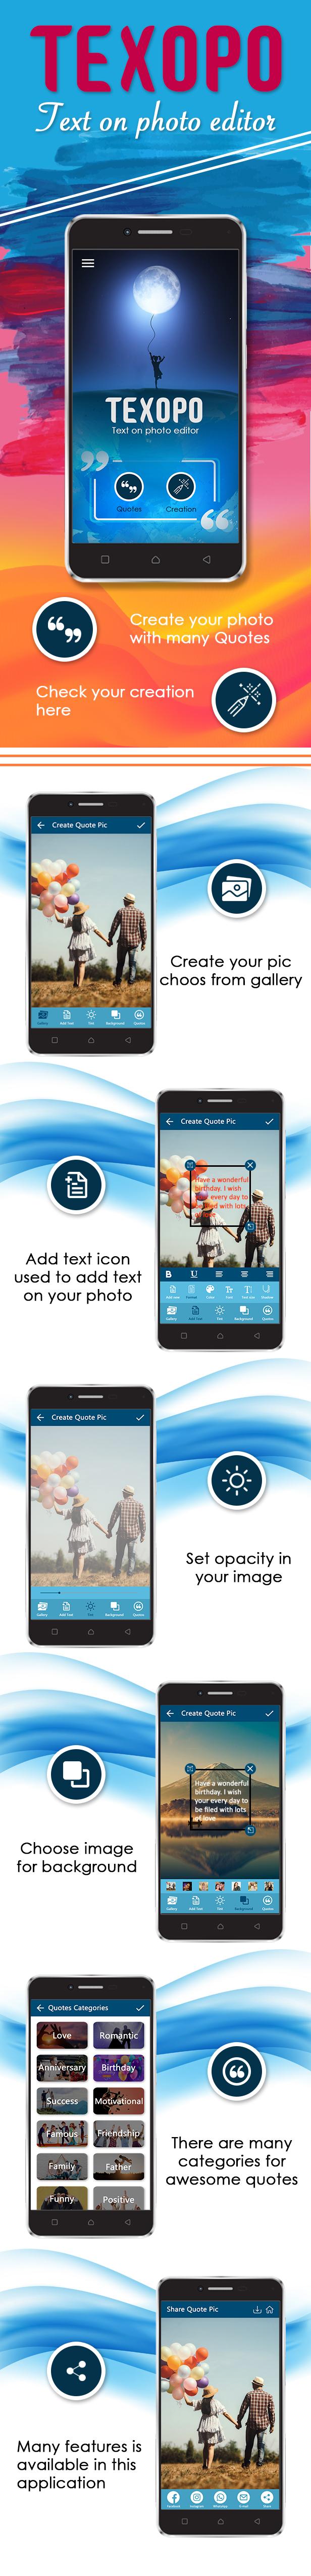 Texopo - text on photo Quote creator app - 1